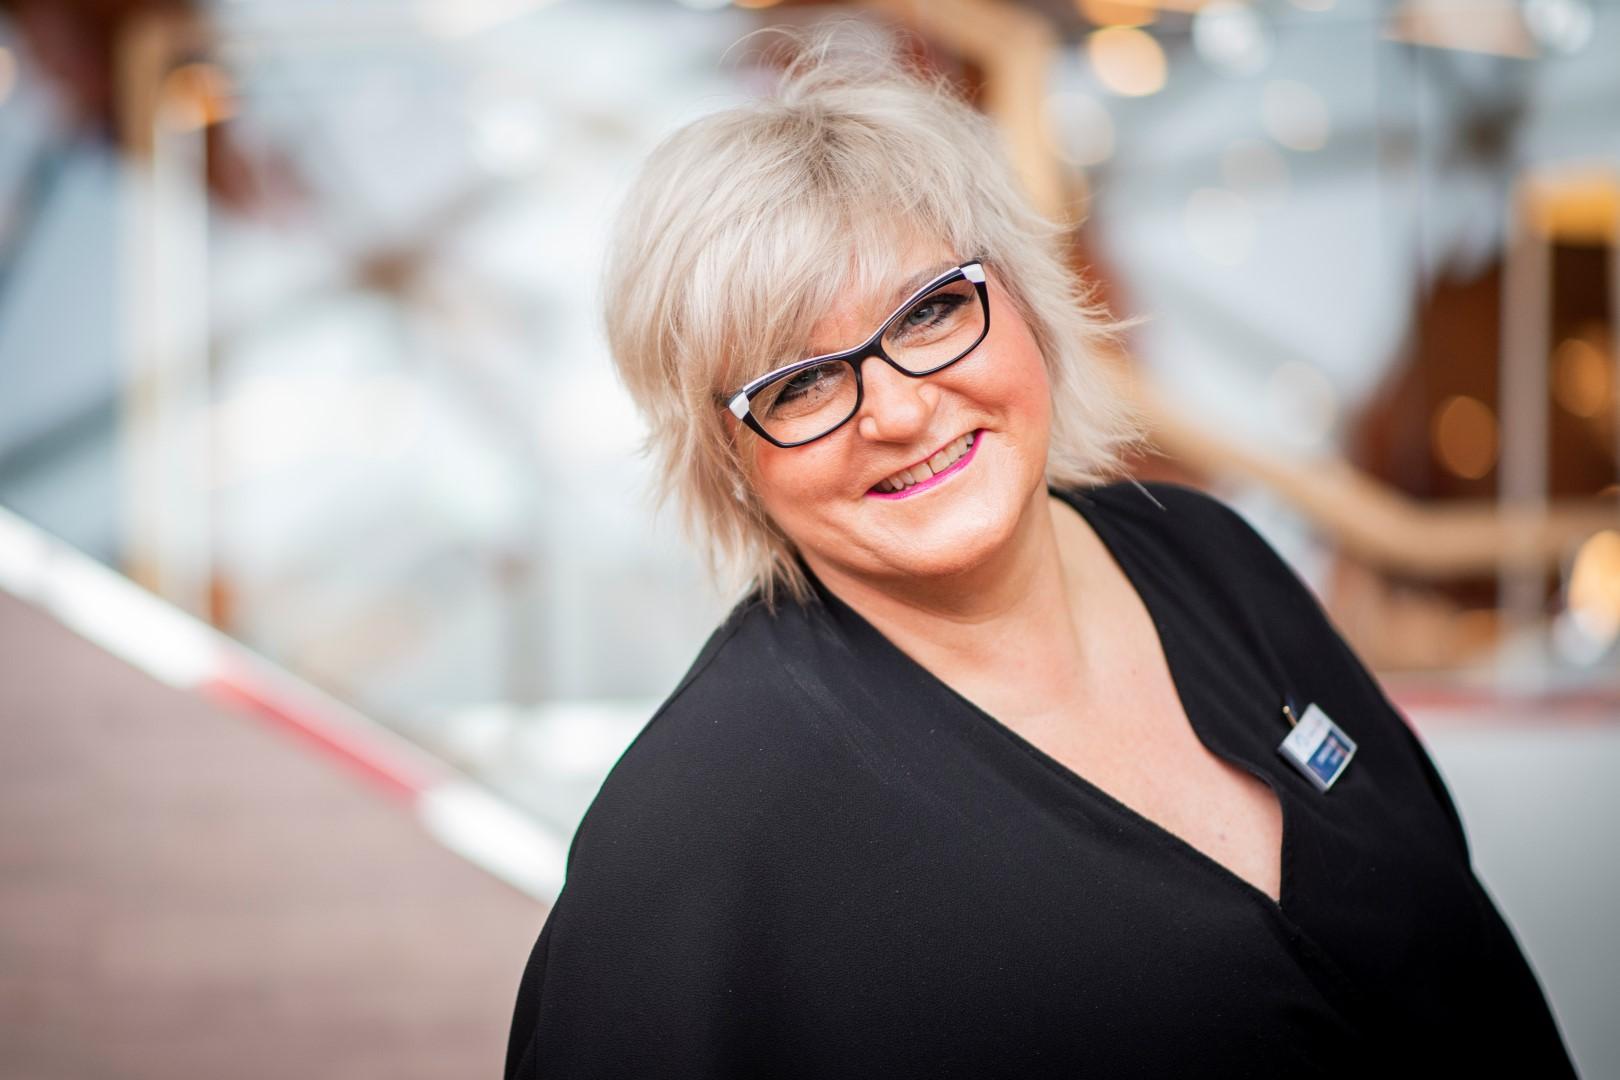 Mein Schiff Urlaubsheldin im Mai 2019: Christine Seibert